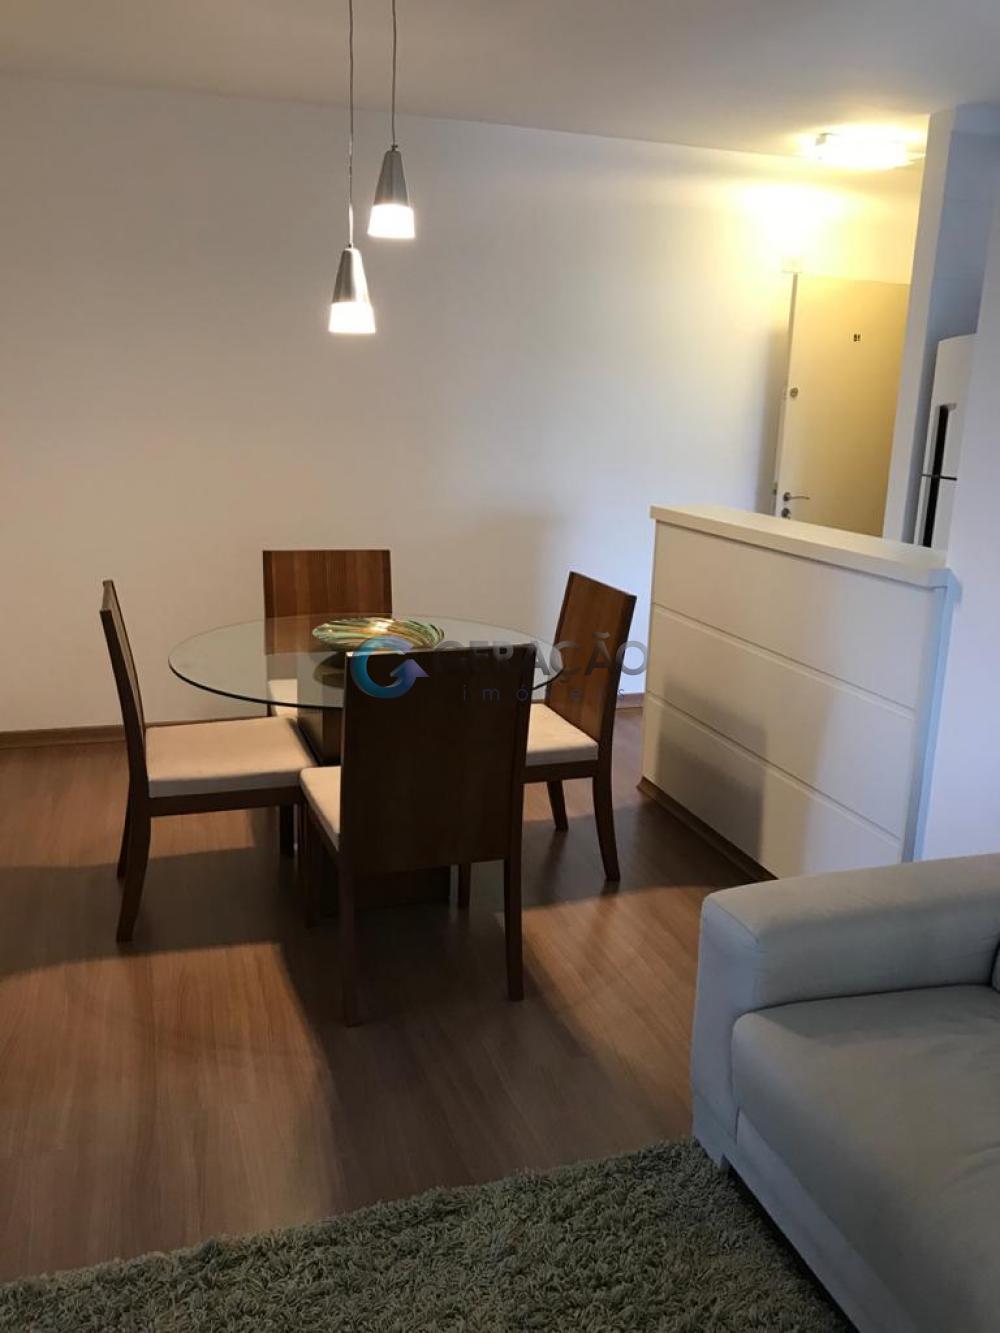 Comprar Apartamento / Padrão em São José dos Campos R$ 370.000,00 - Foto 4